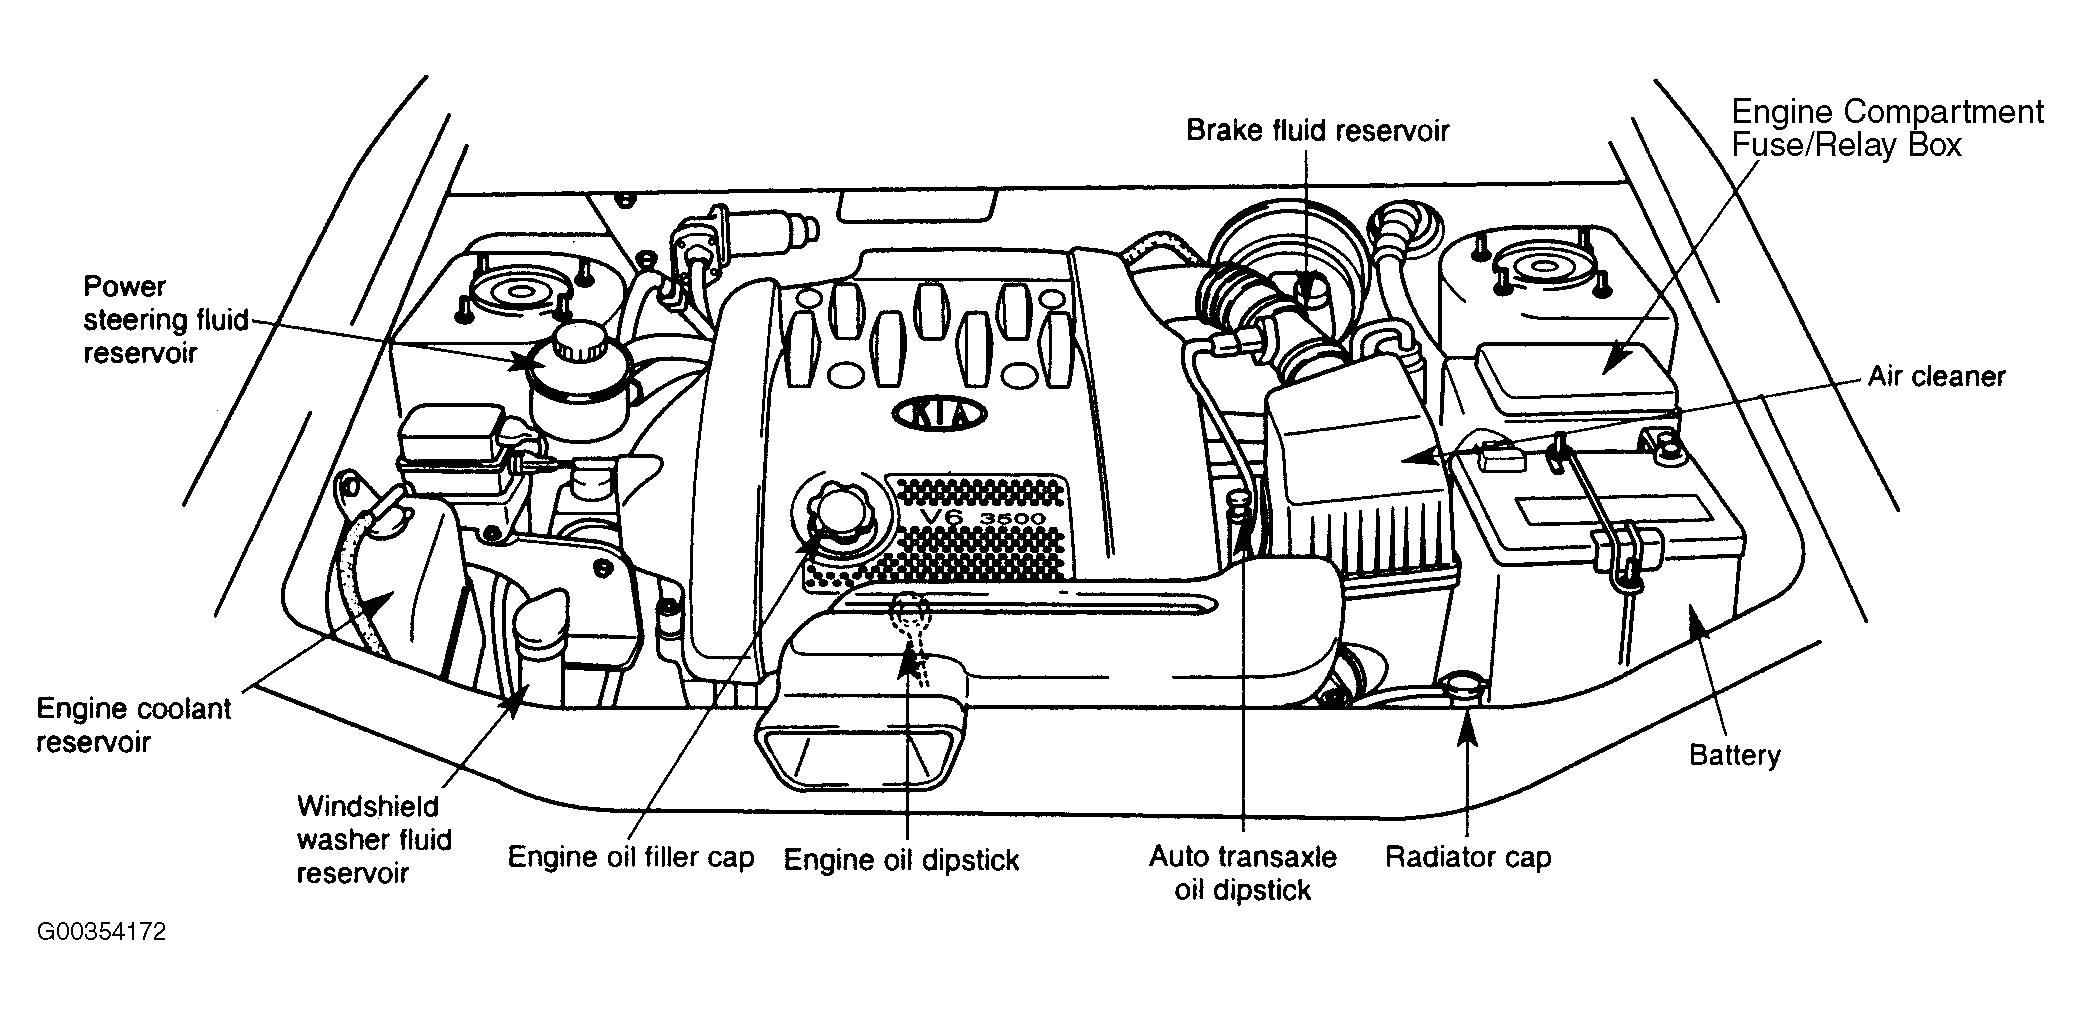 wiring diagram for 2004 kia optima wiring diagram go 2004 kia optima engine diagram wiring diagram